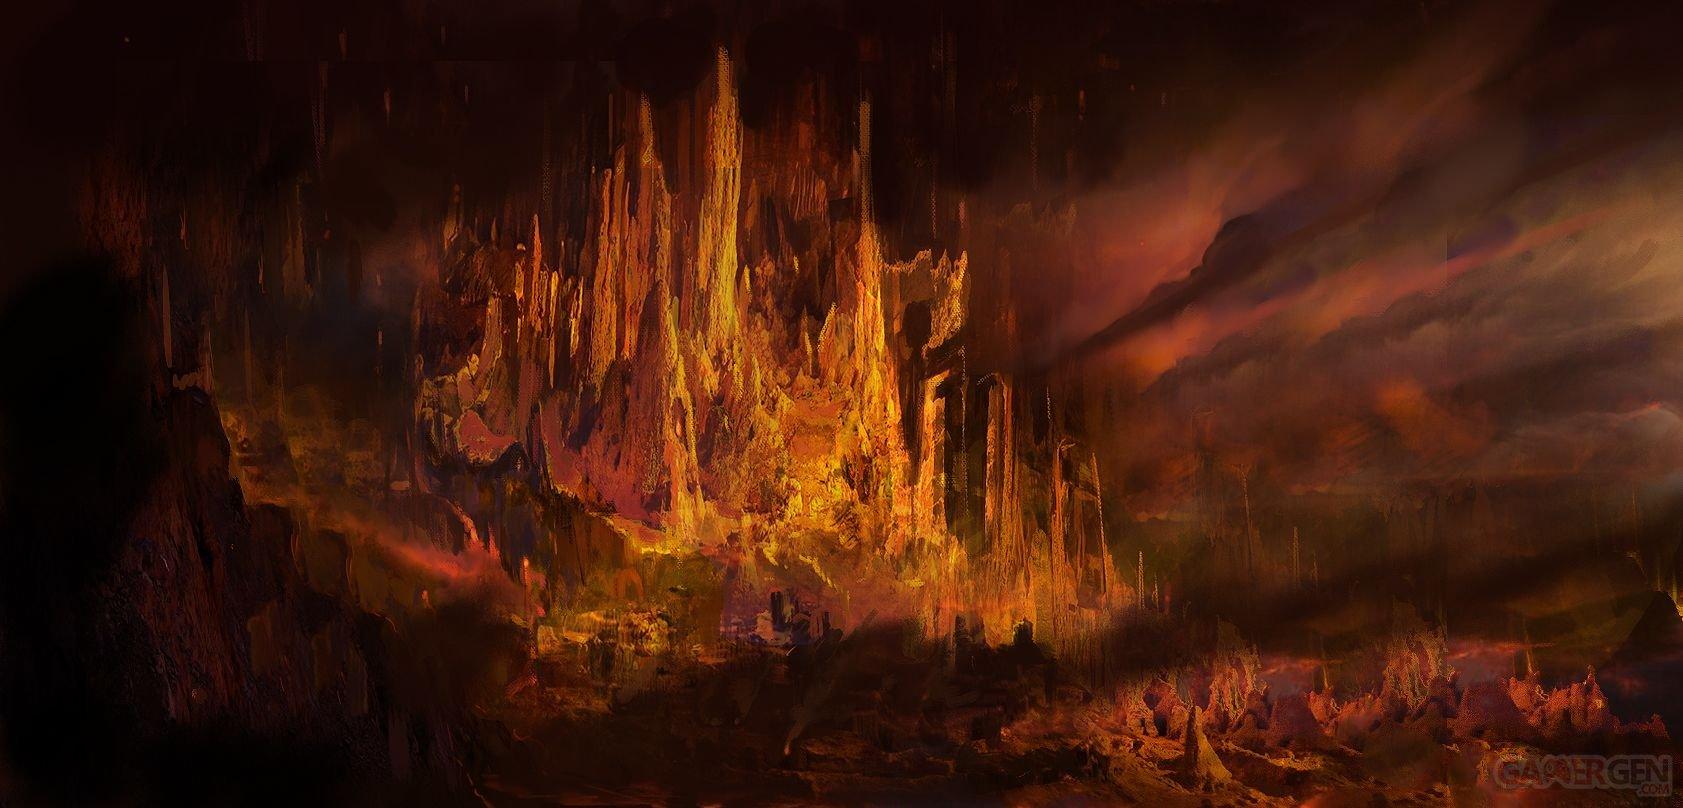 Baldur's Gate 3 : date de sortie et gros chiffres pour l'Accès Anticipé,  cinématique CGI en version longue et lobotomie en vidéo - GAMERGEN.COM